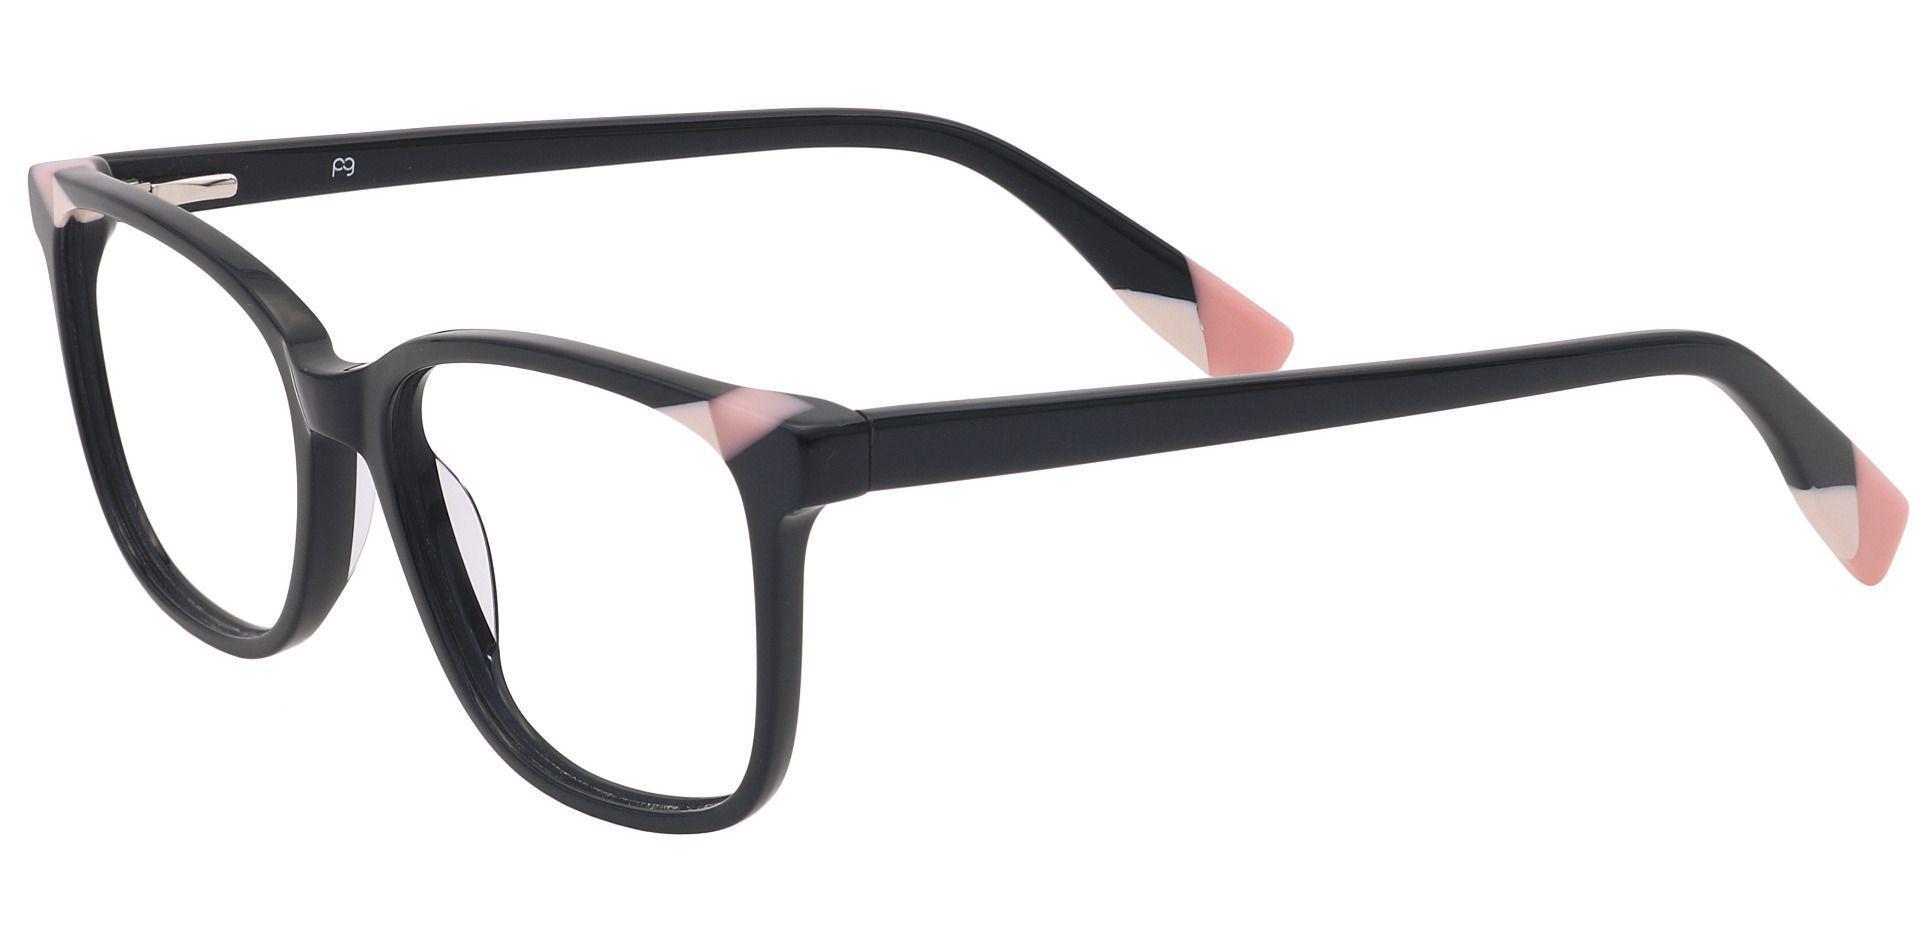 Odessa Square Prescription Glasses - Pink